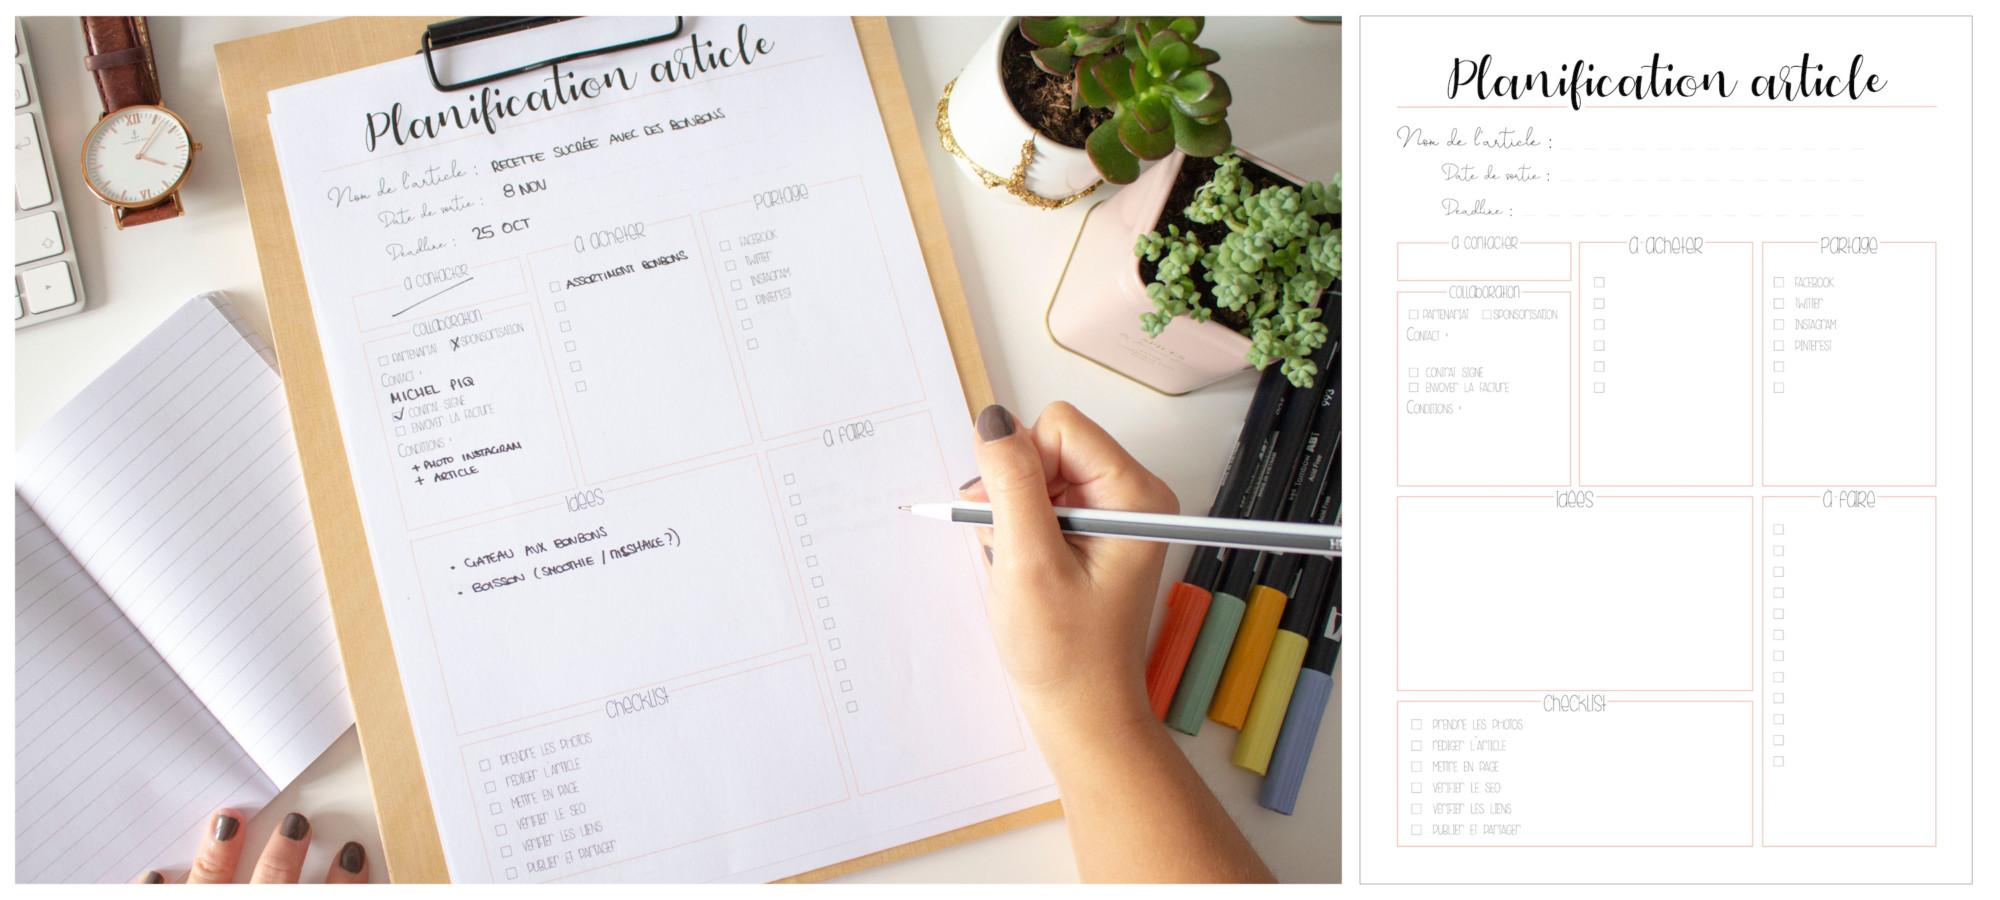 Planner à imprimer - planification article